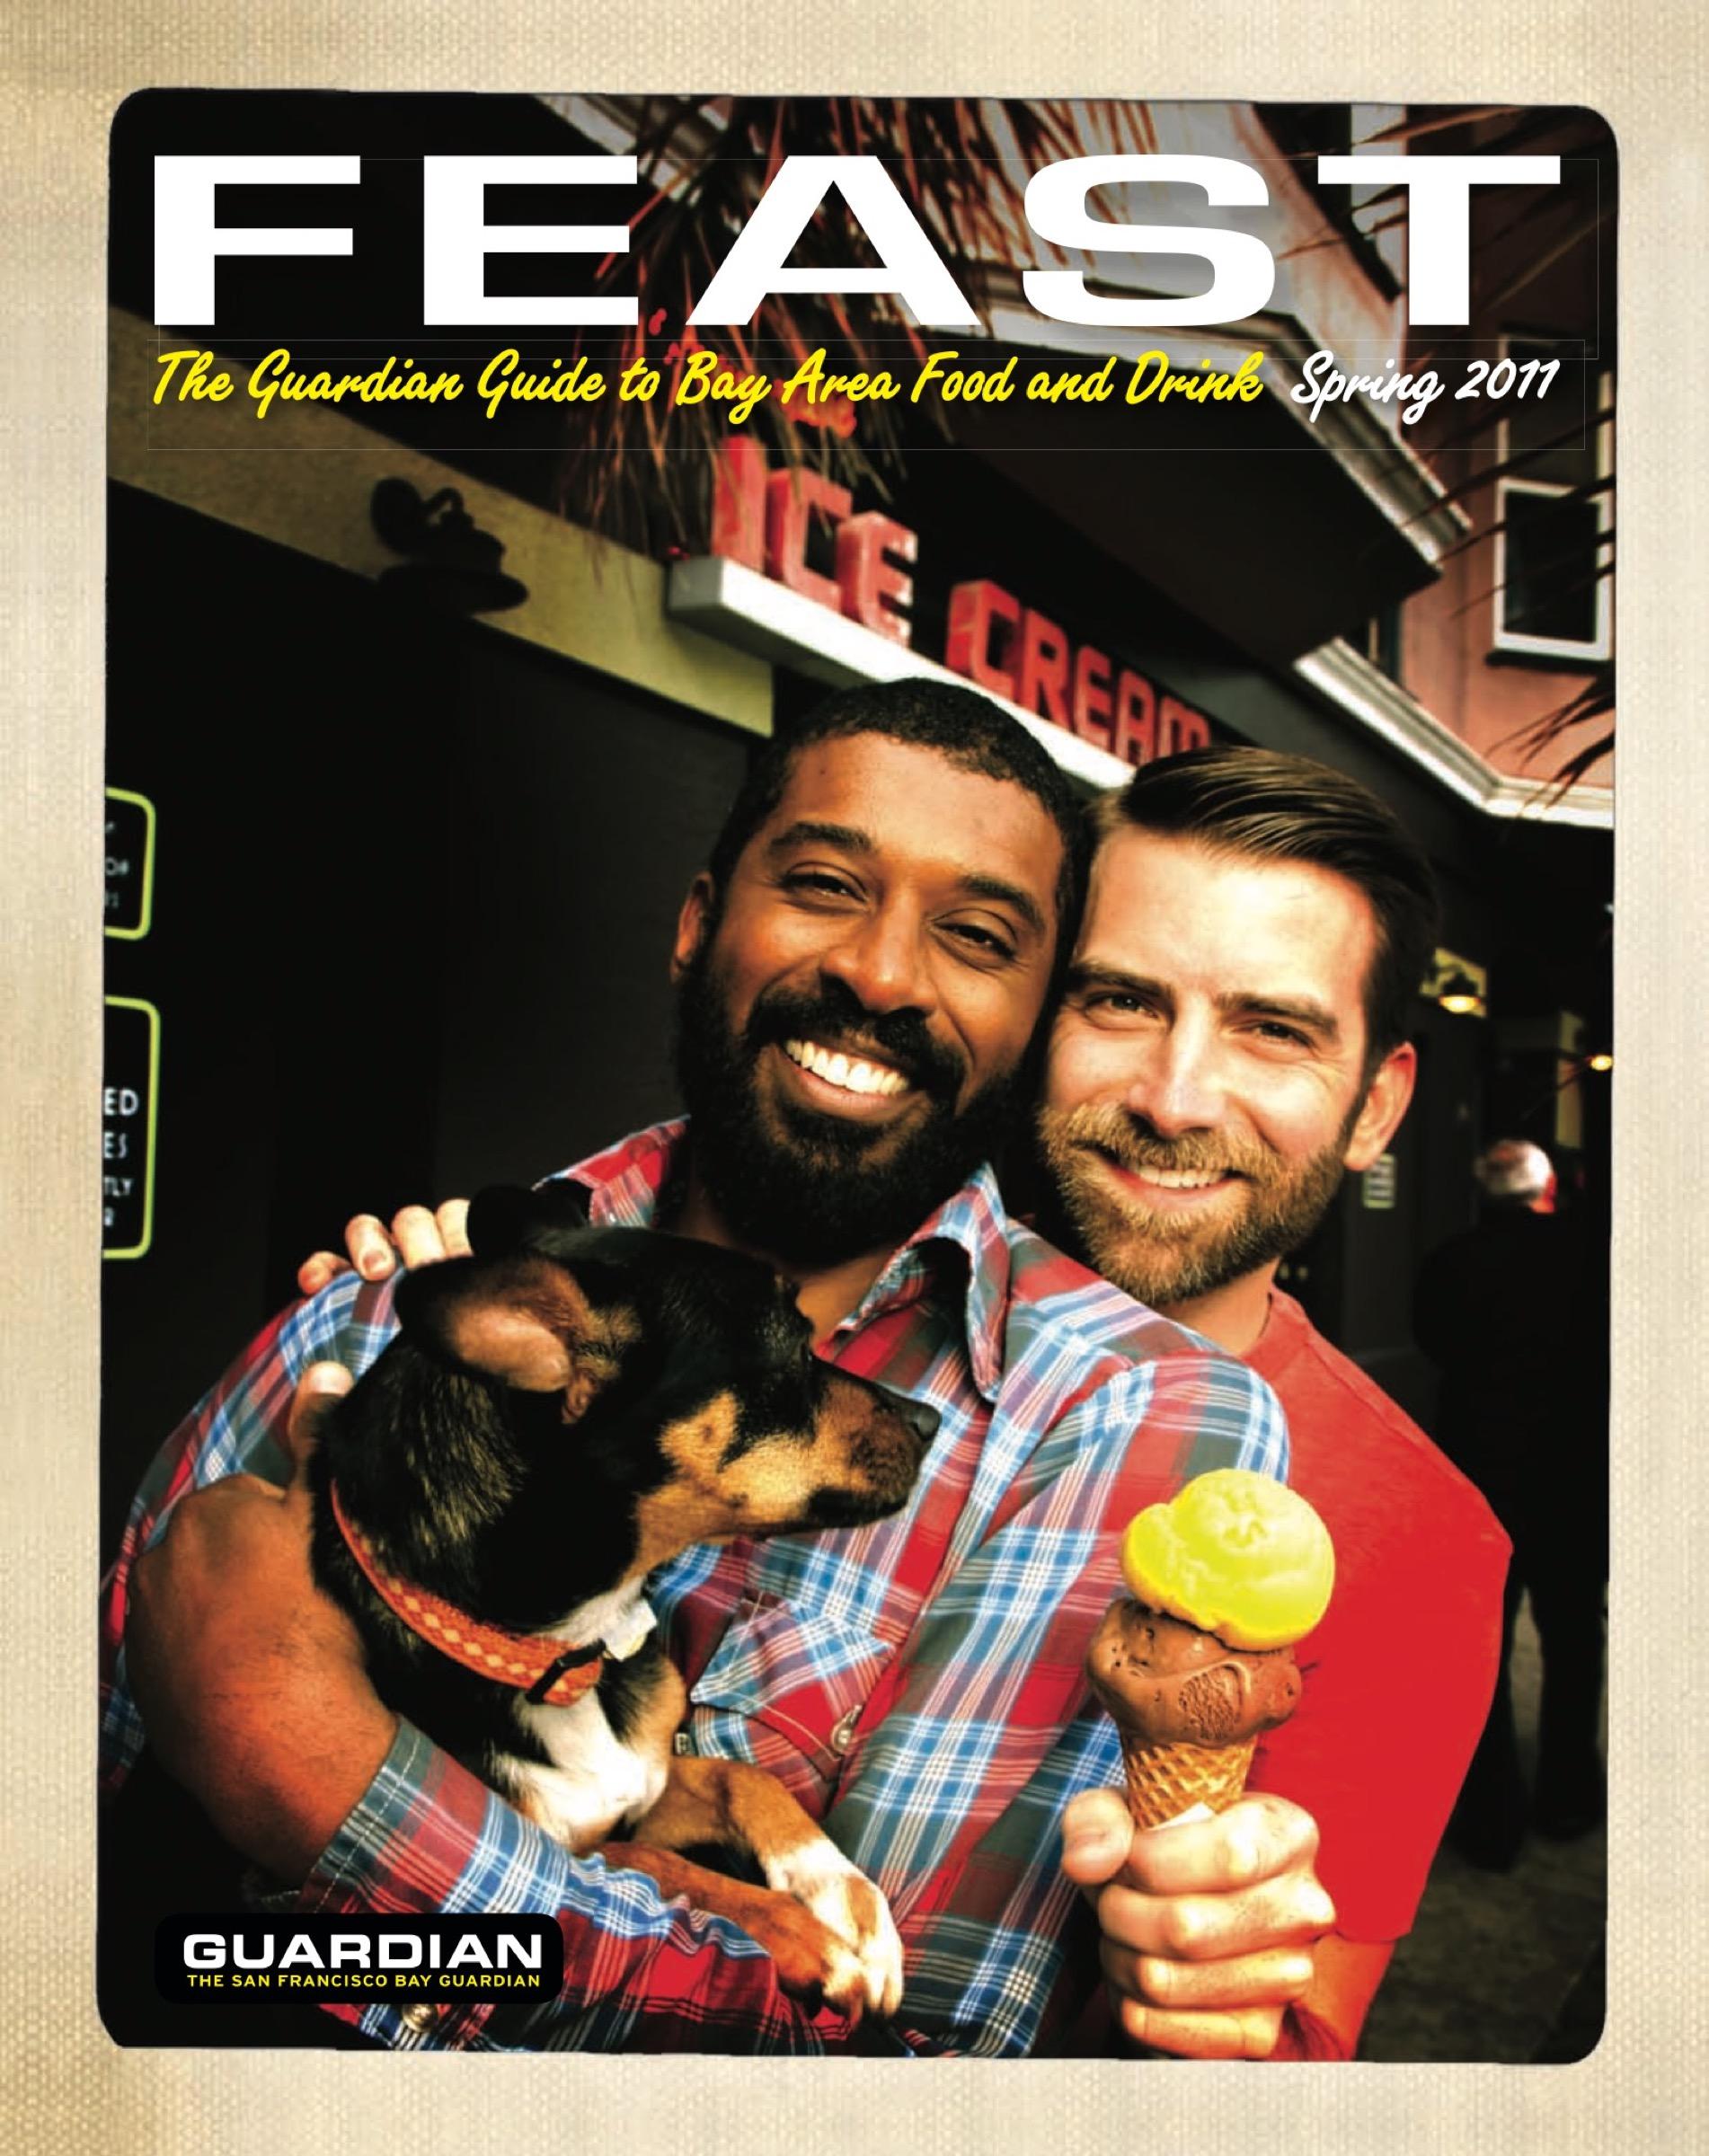 FEAST Spring2011 Flip-through Edition